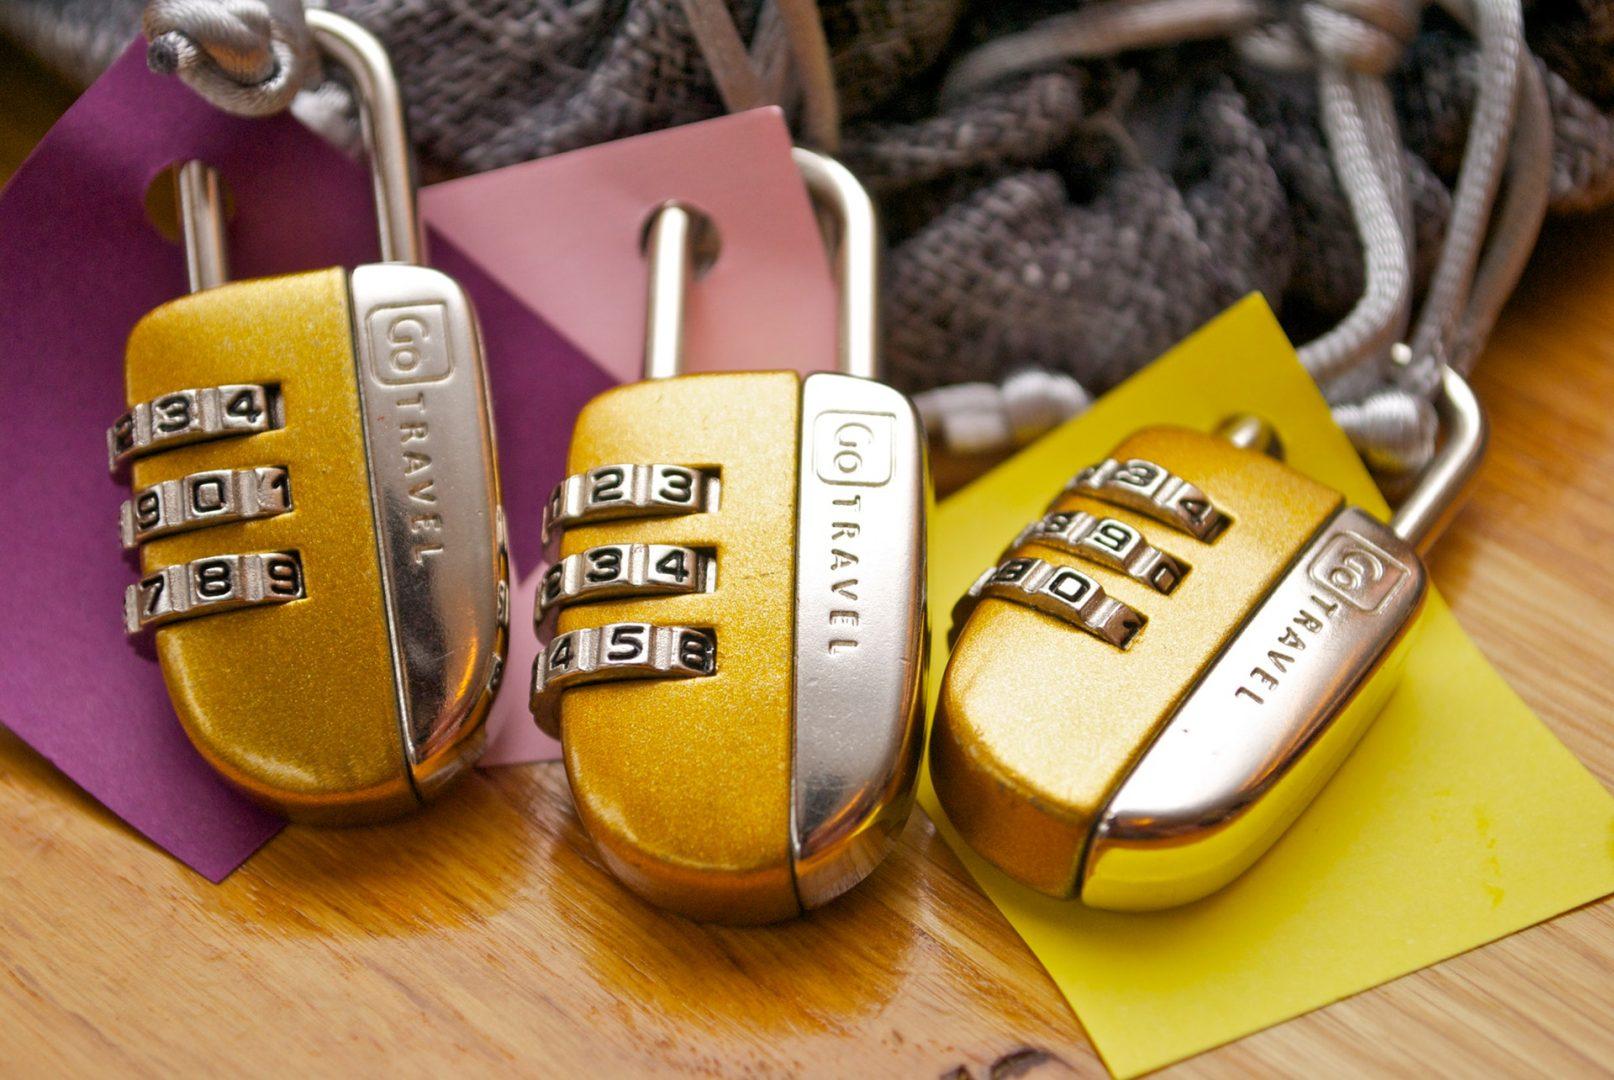 Types of upvc door locks